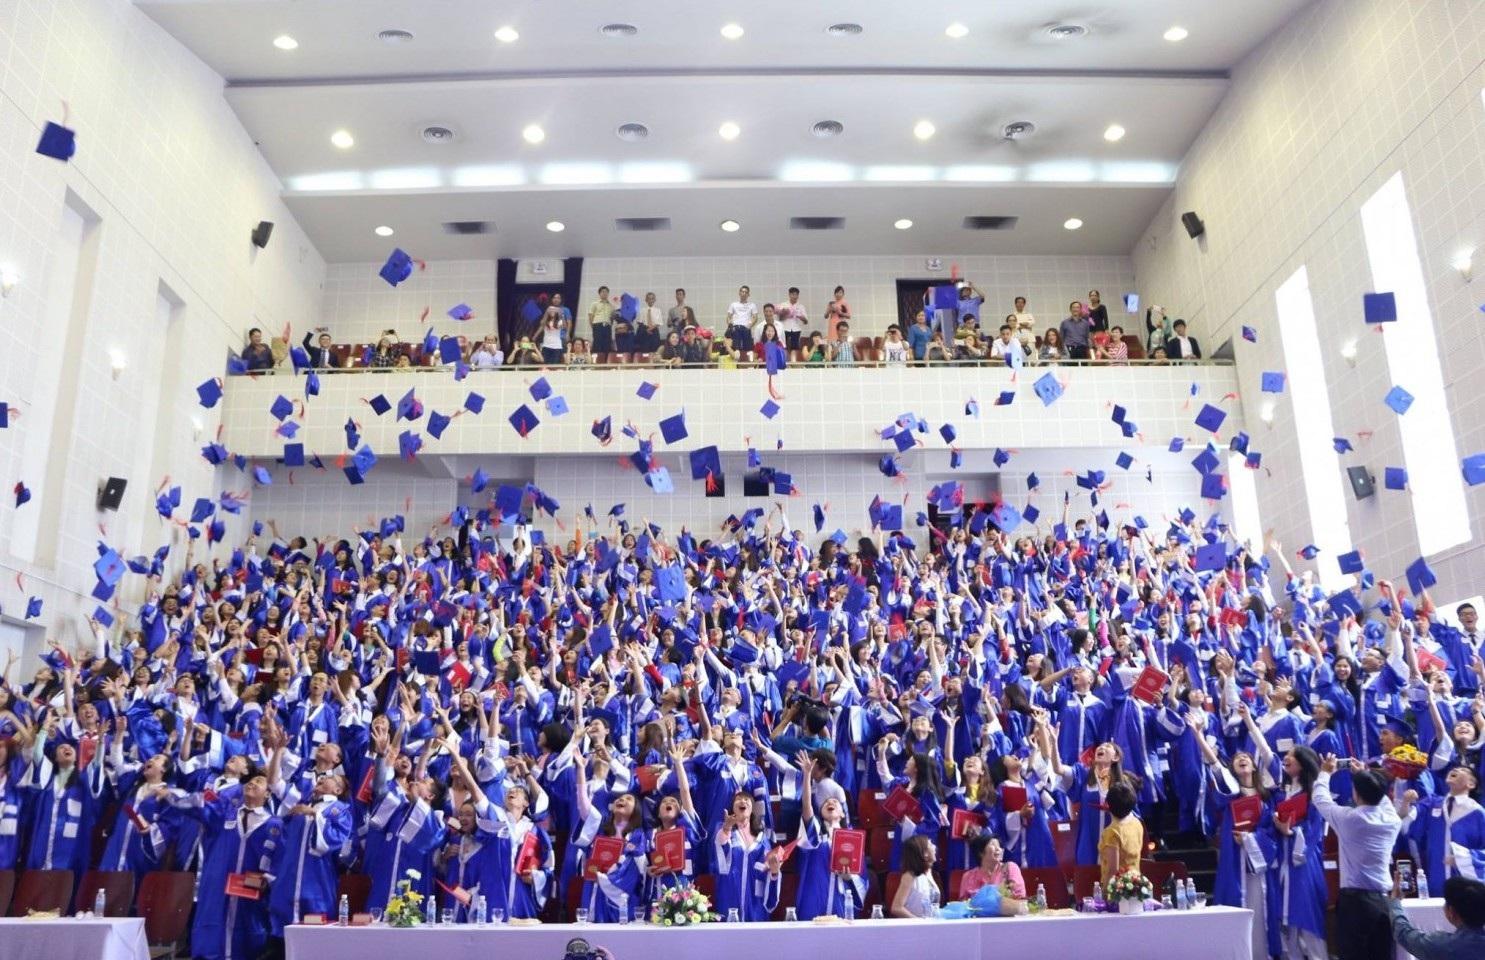 Cựu sinh viên lo lắng giá trị bằng tốt nghiệp do nguyên hiệu trưởng ký - Ảnh 1.